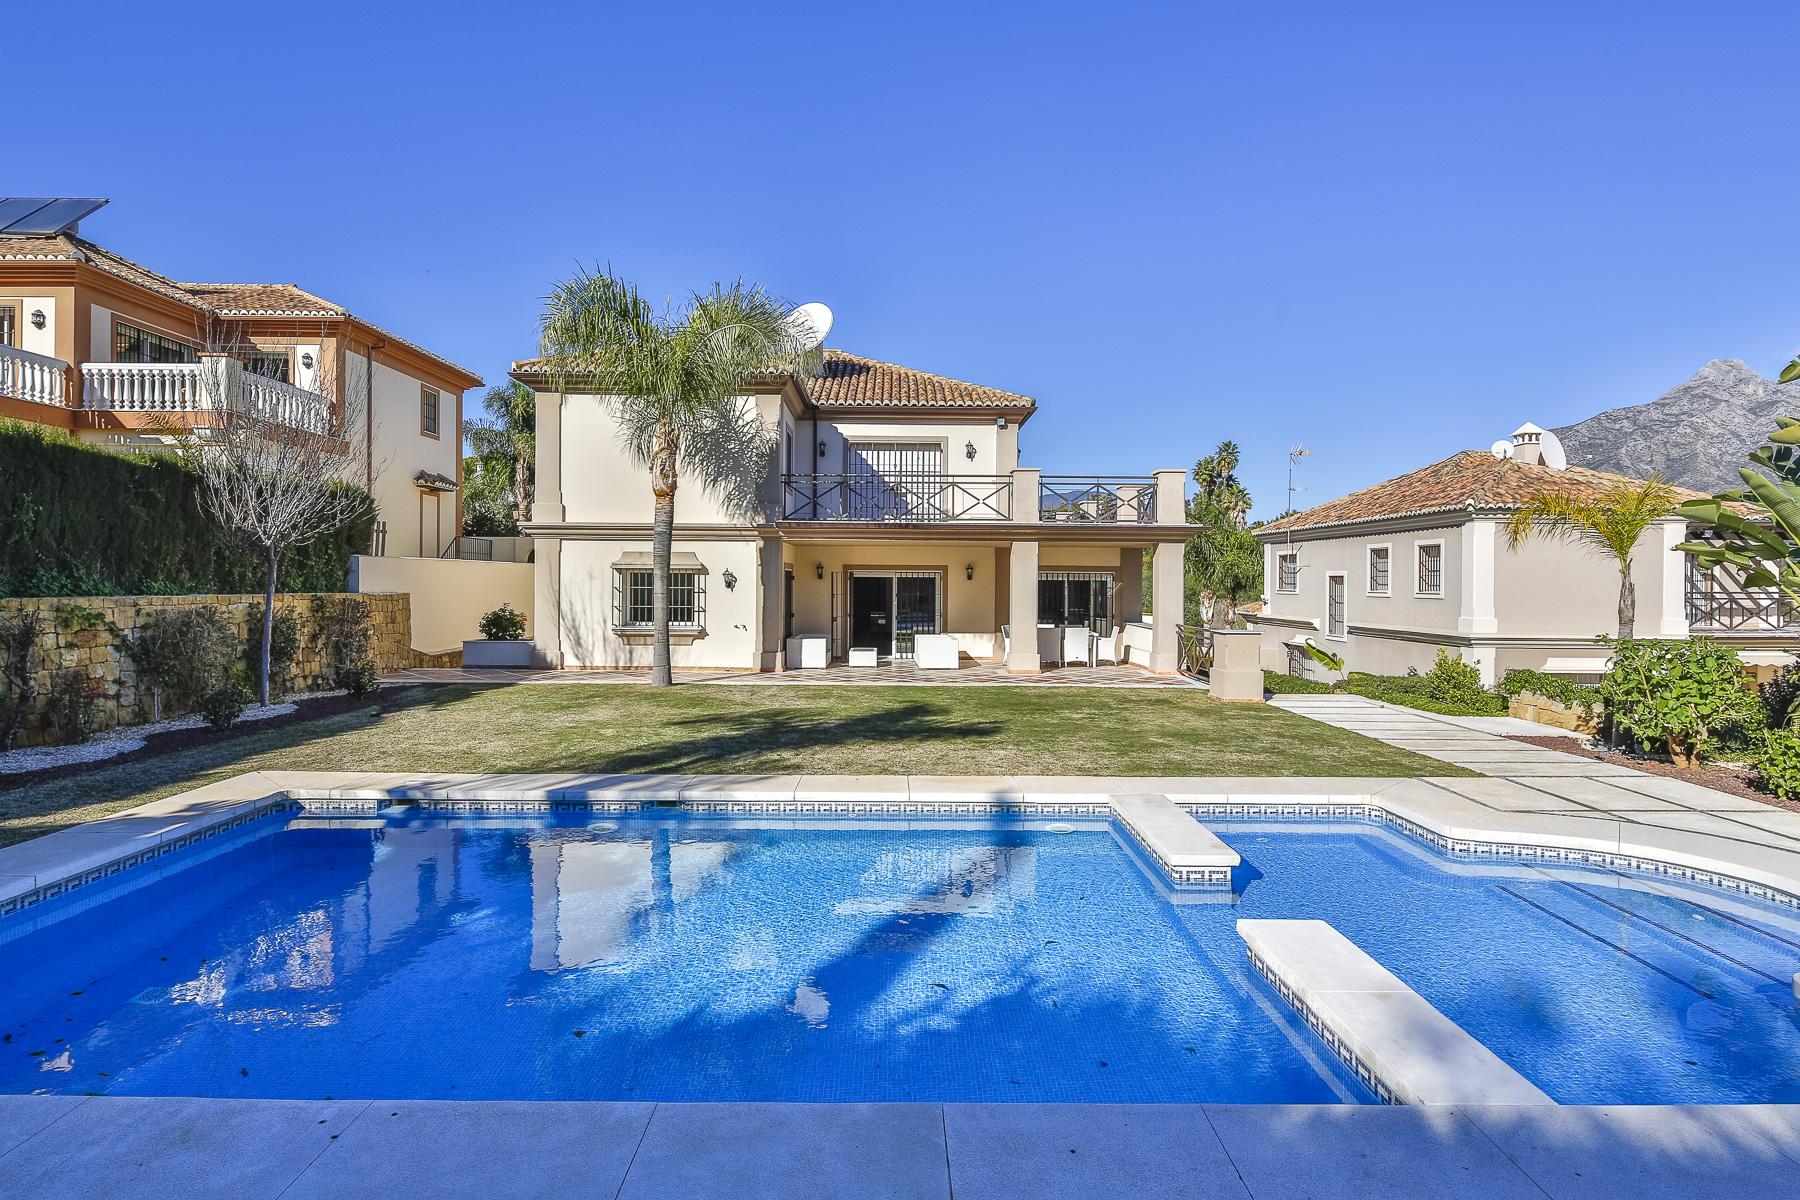 Villa for Sale in Atalaya de Rio Verde, Nueva Andalucia